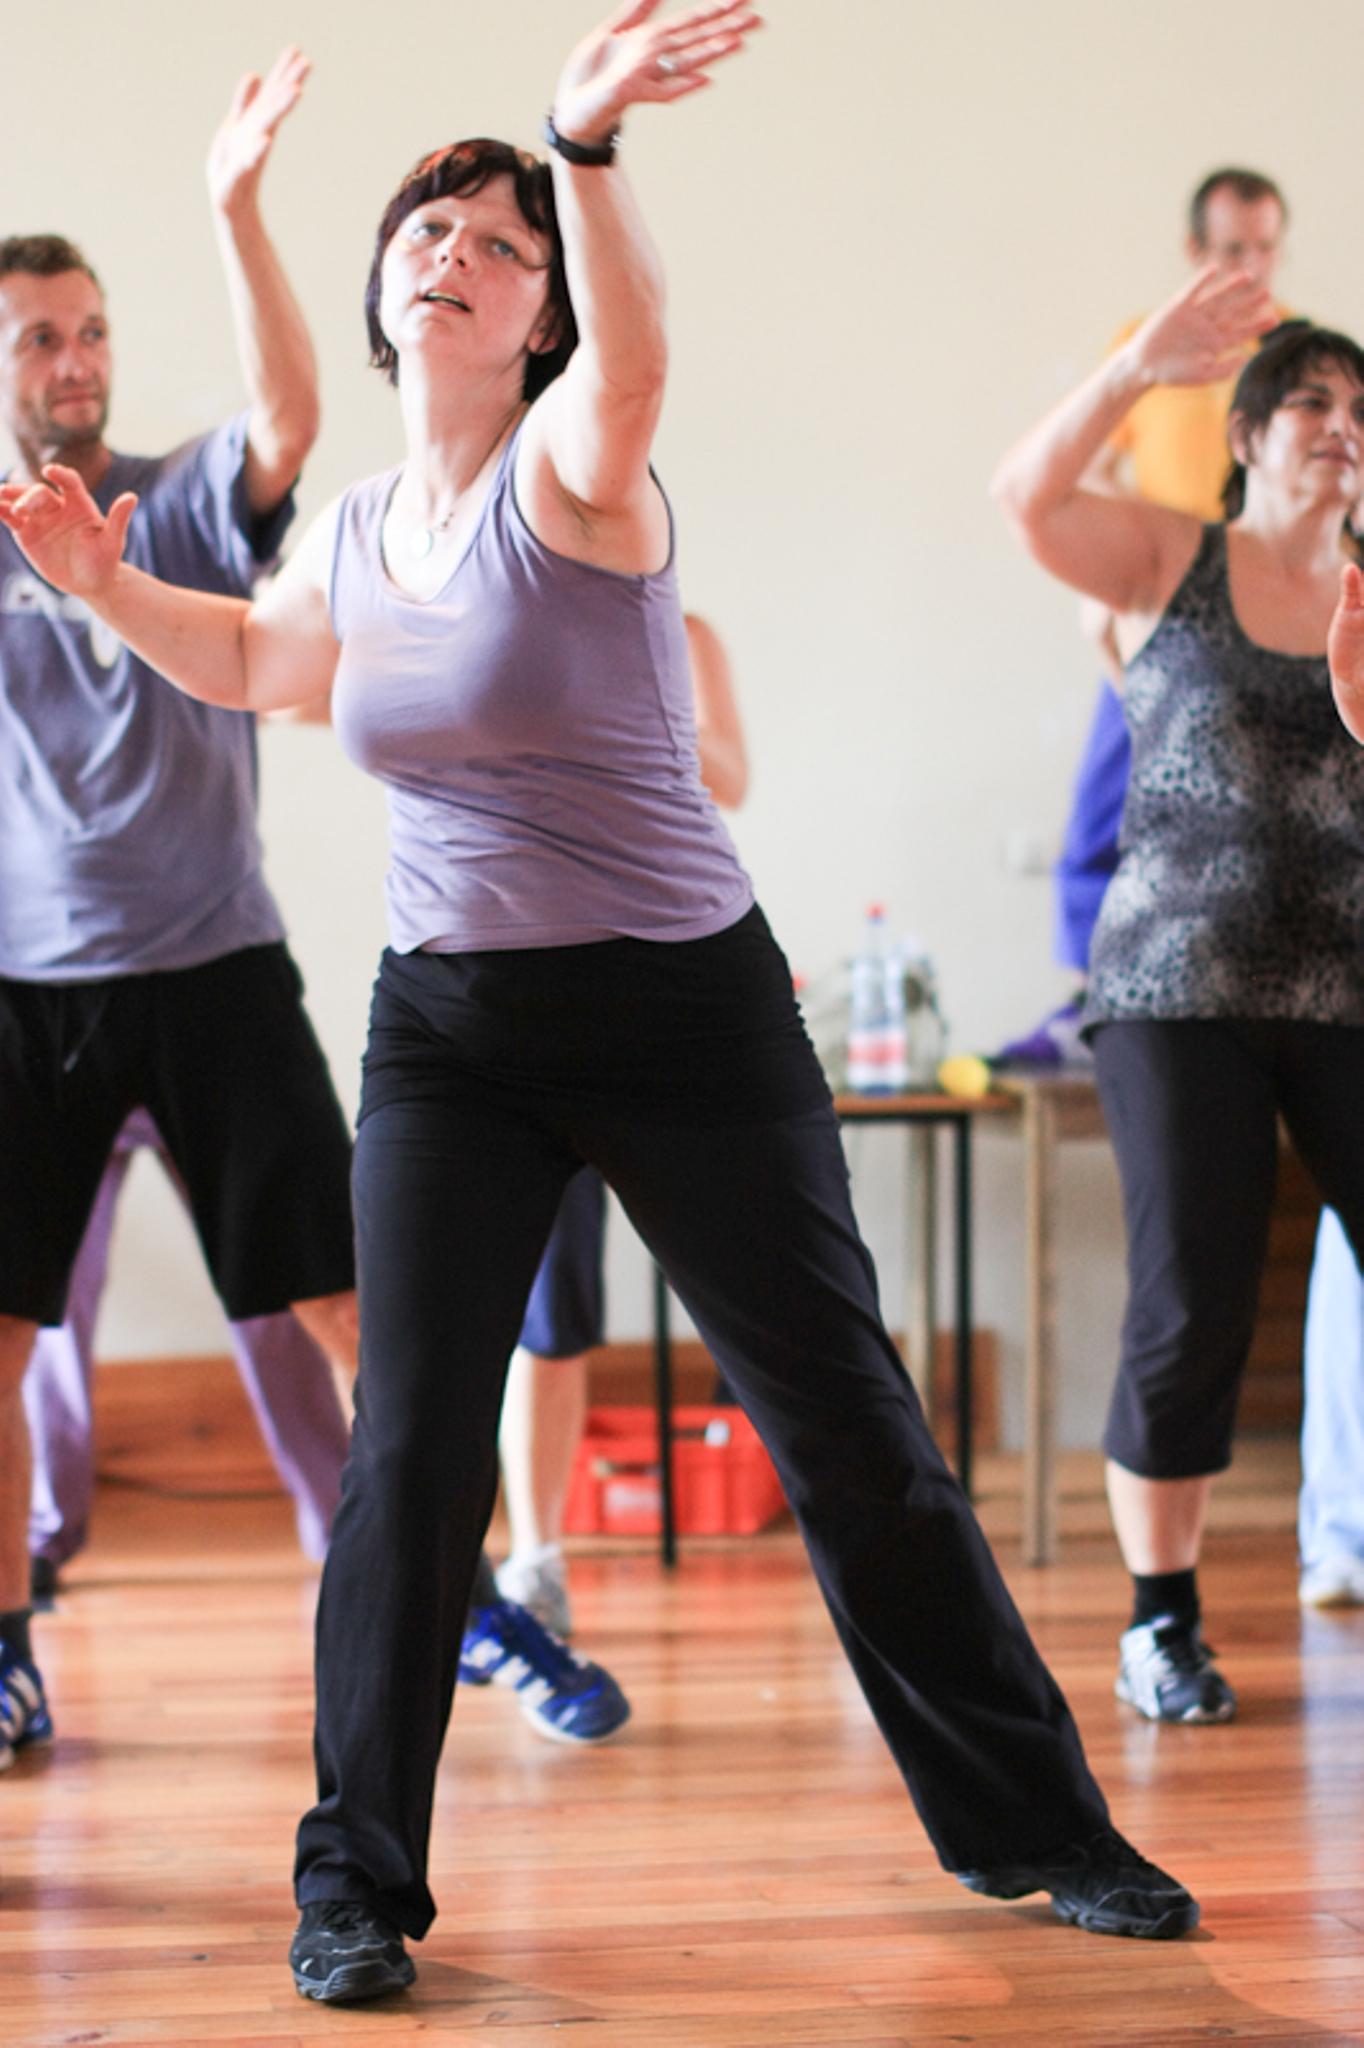 Schwitzen Tanzen, Aerobic, Fitness und noch mehr Energy Dance Festival